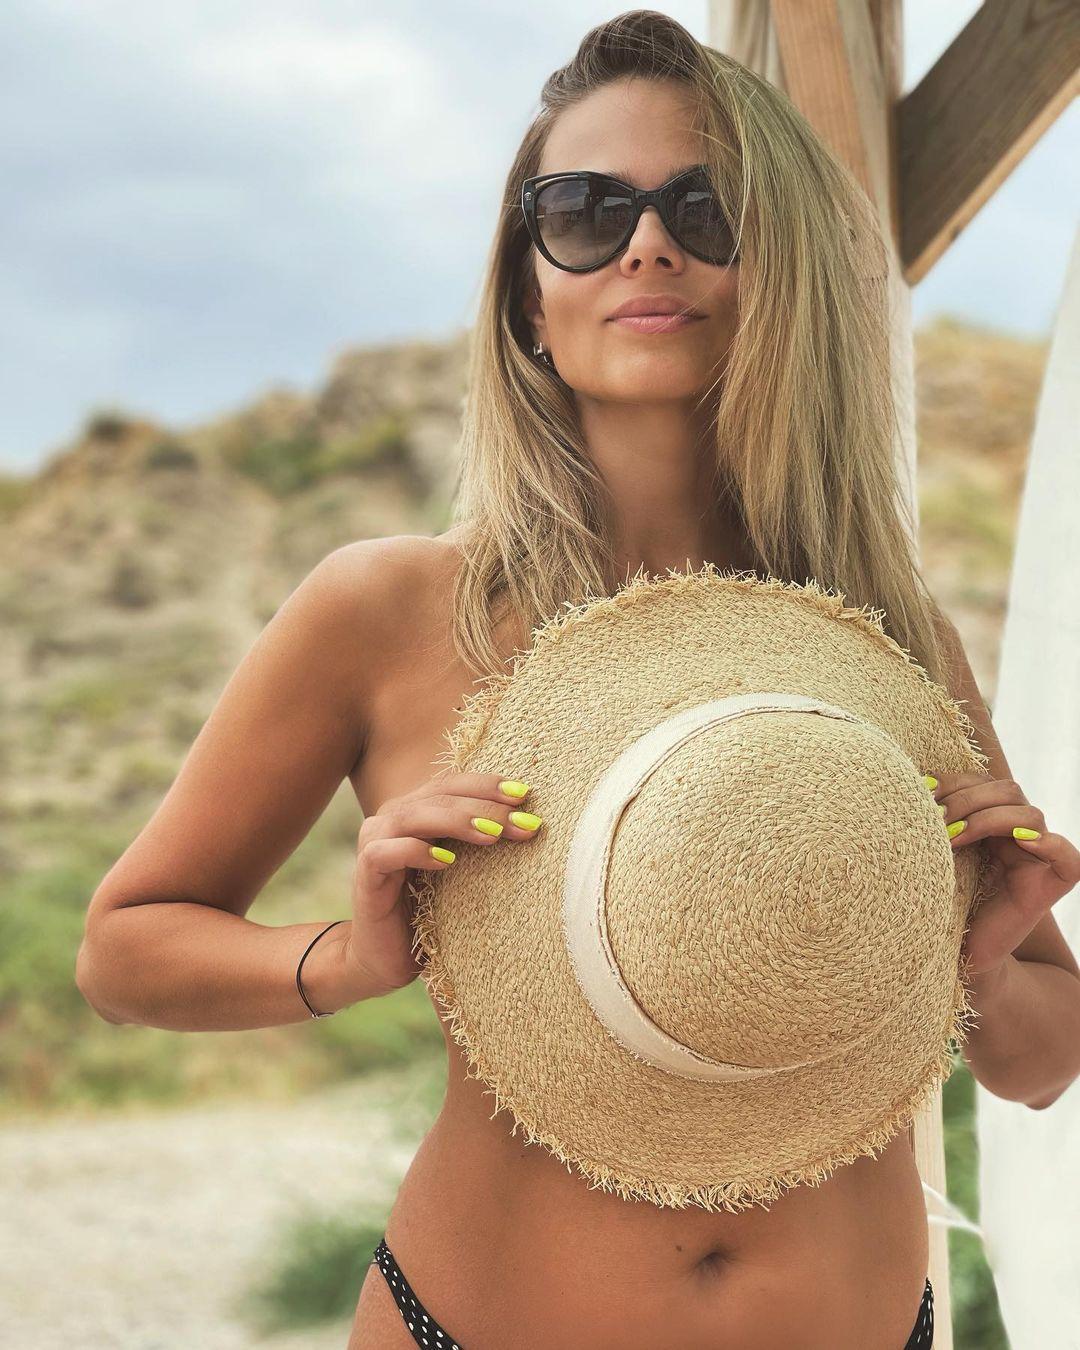 Ксения Новикова загорает топлес во время отпуска в Крыму